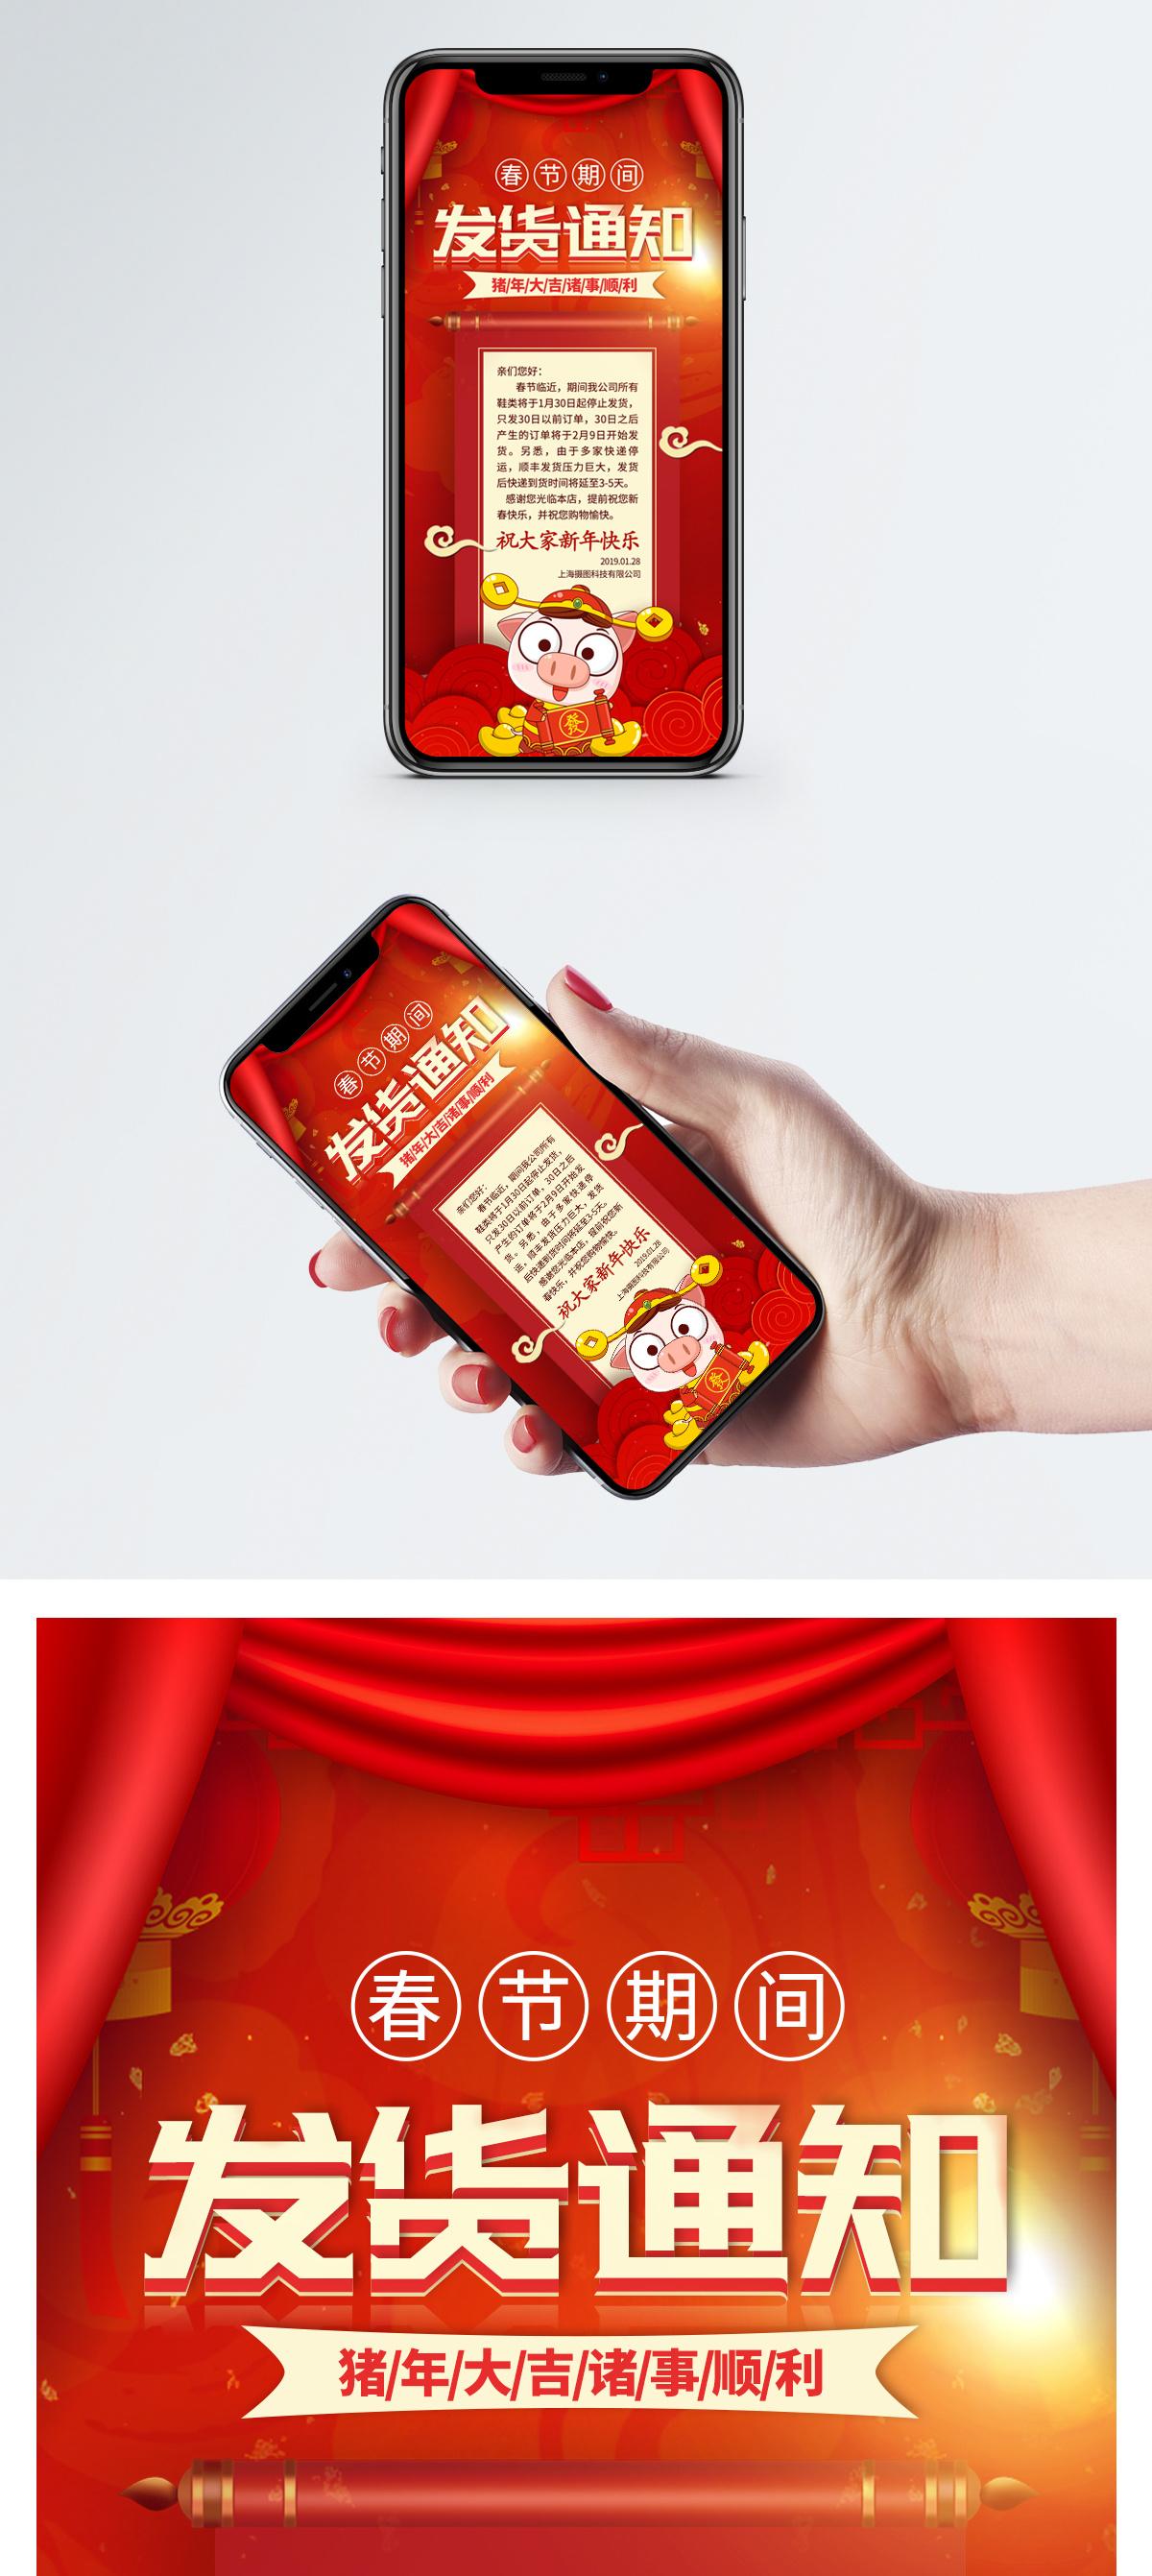 春节发货通知图片